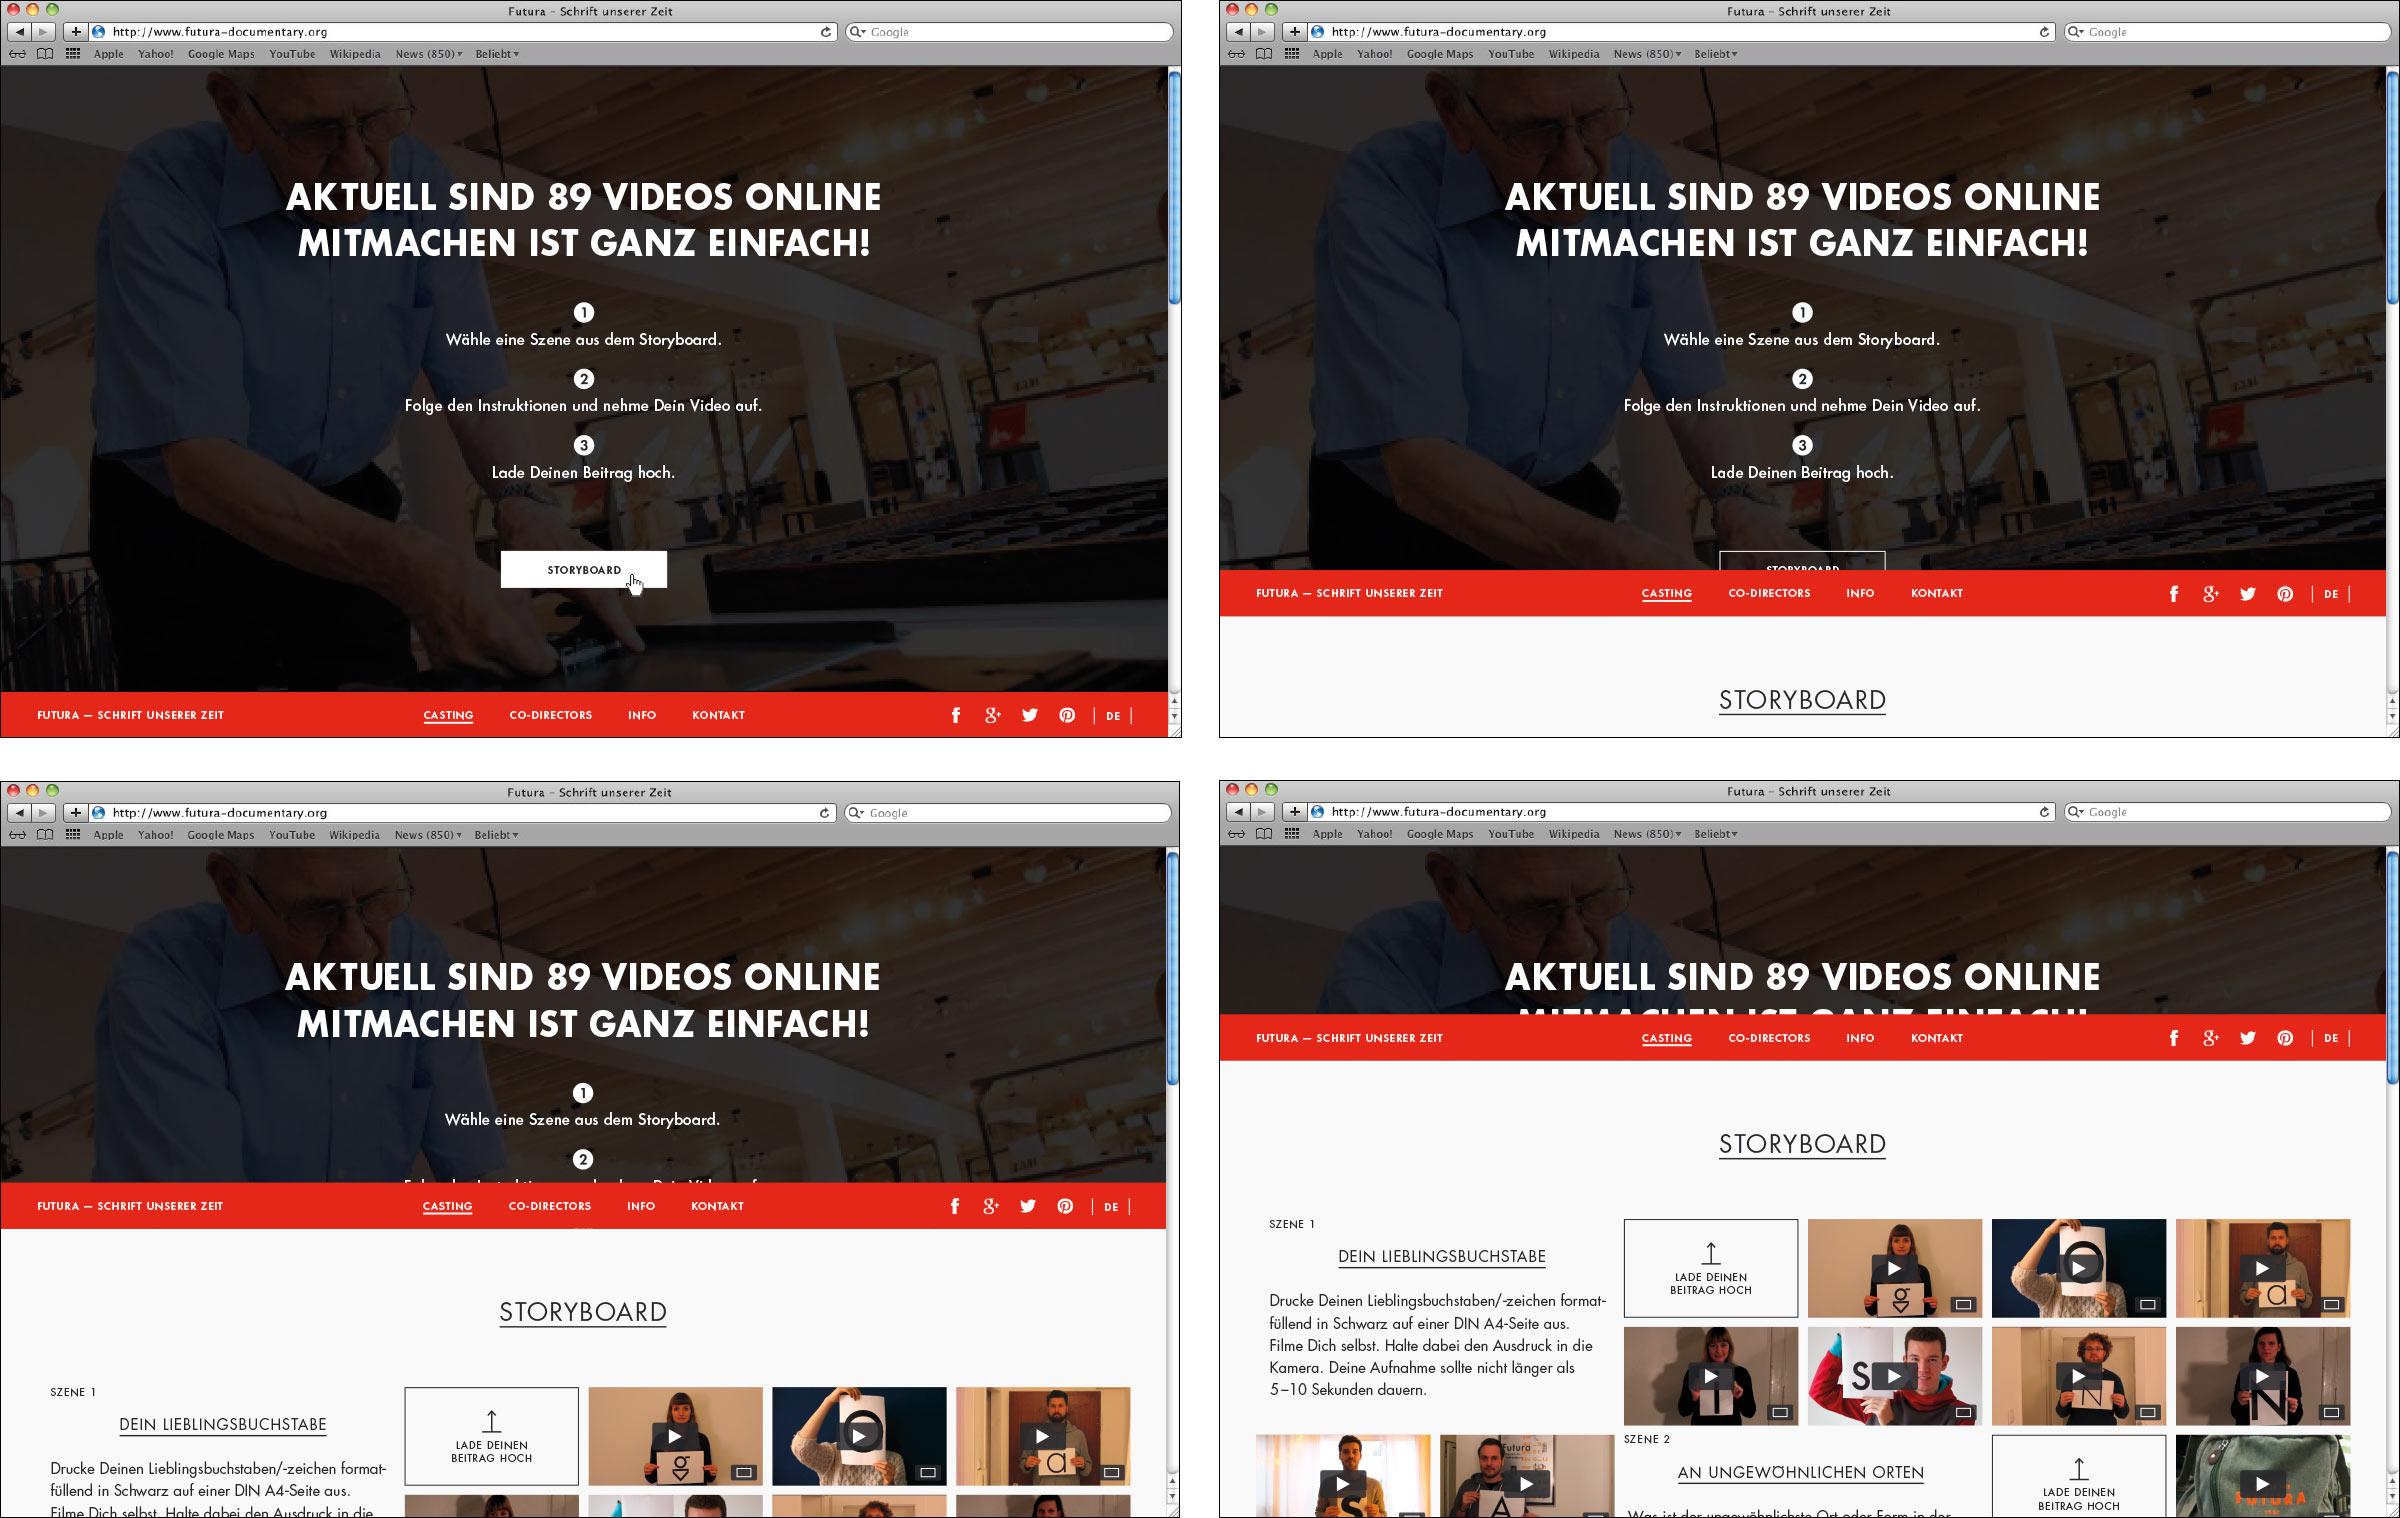 Übersicht Bewegung Overlay Webseite Futura – Schrift unserer Zeit. Ein kollaborativer Dokumentarfilm. © Christian Weber – Büro für Gestaltung und Kommunikation